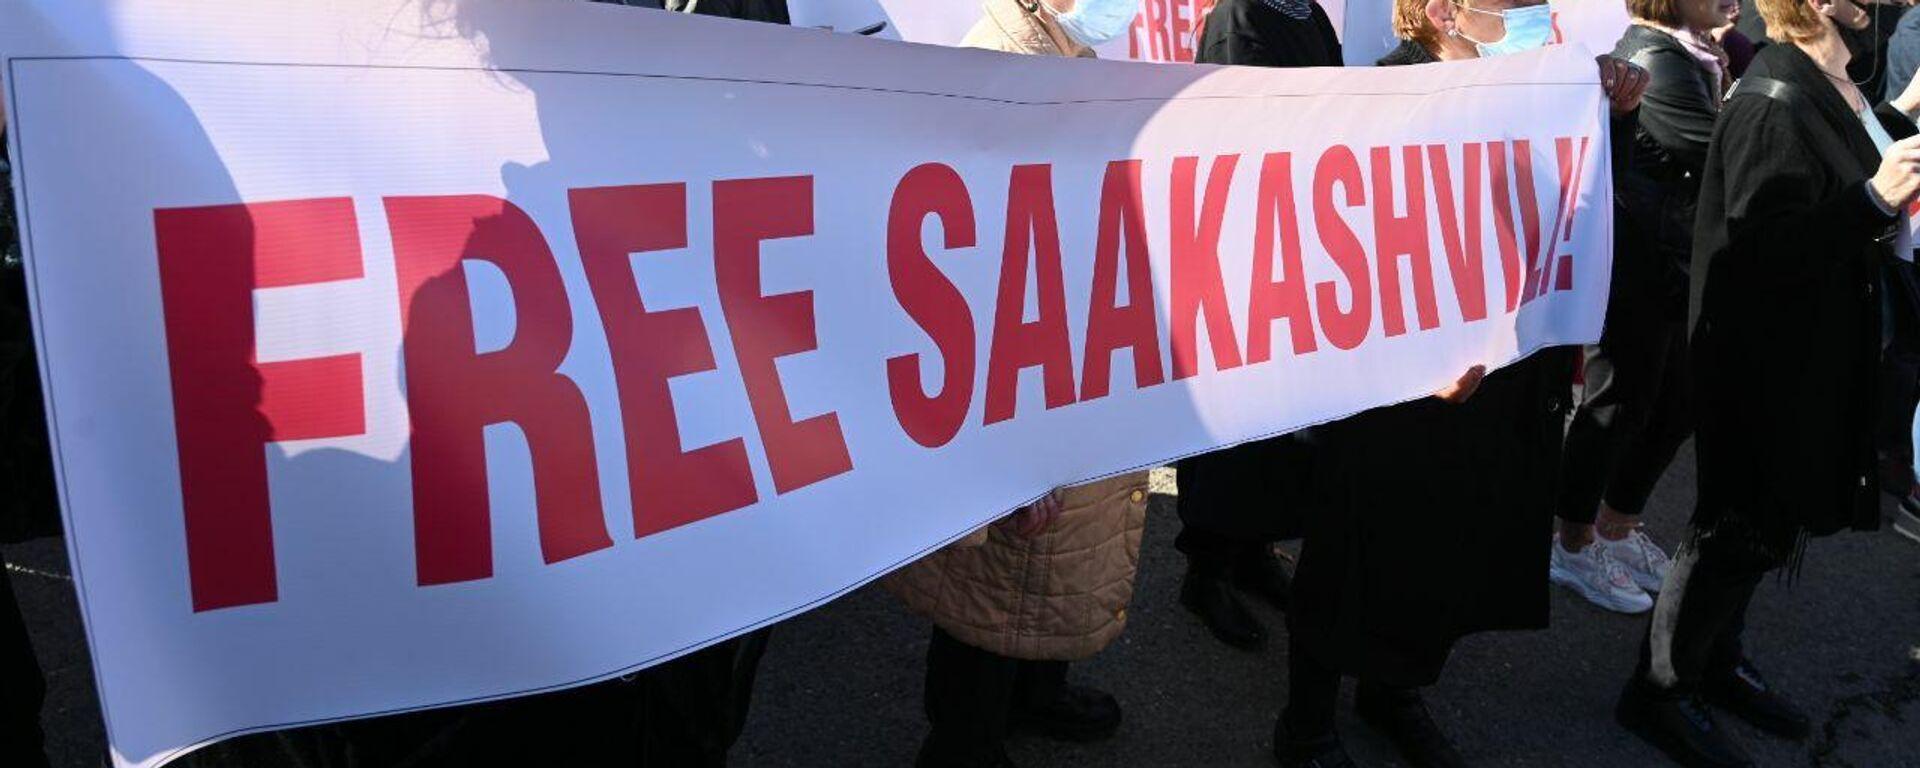 Акция протеста сторонников Саакашвили у Руставской тюрьмы 4 октября 2021 года - Sputnik Грузия, 1920, 11.10.2021